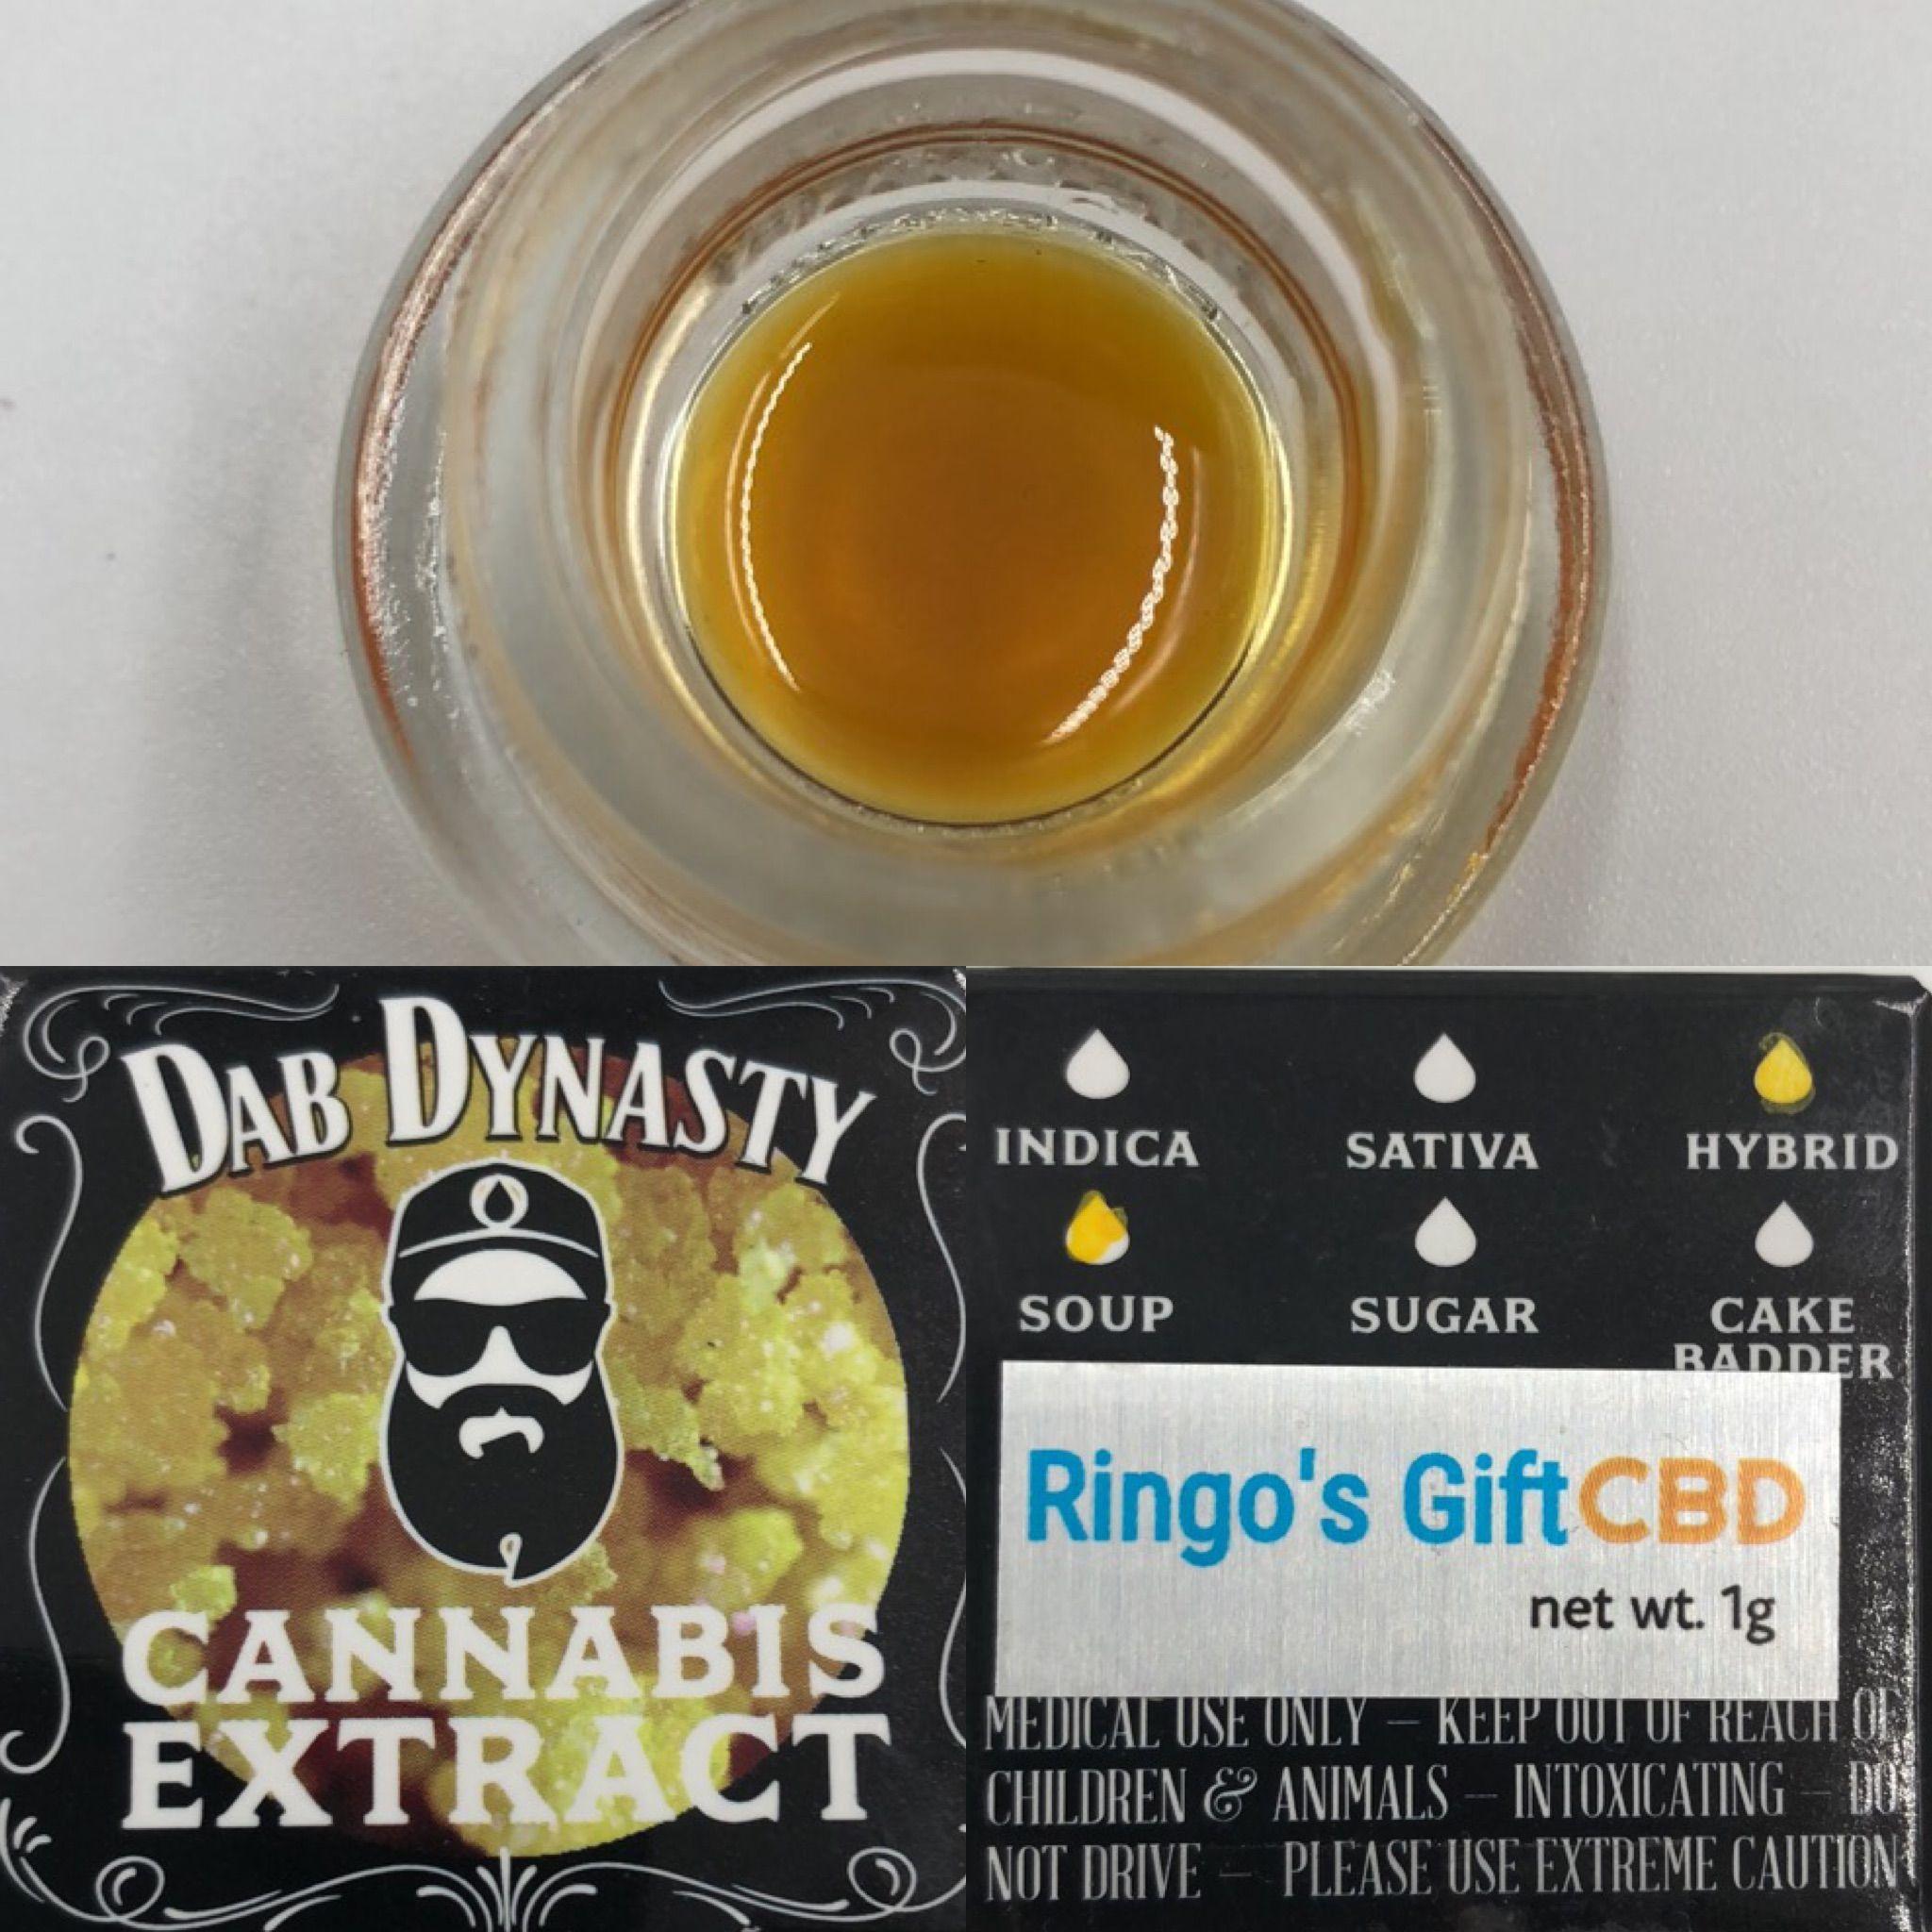 Ringo's Gift CBD Sauce